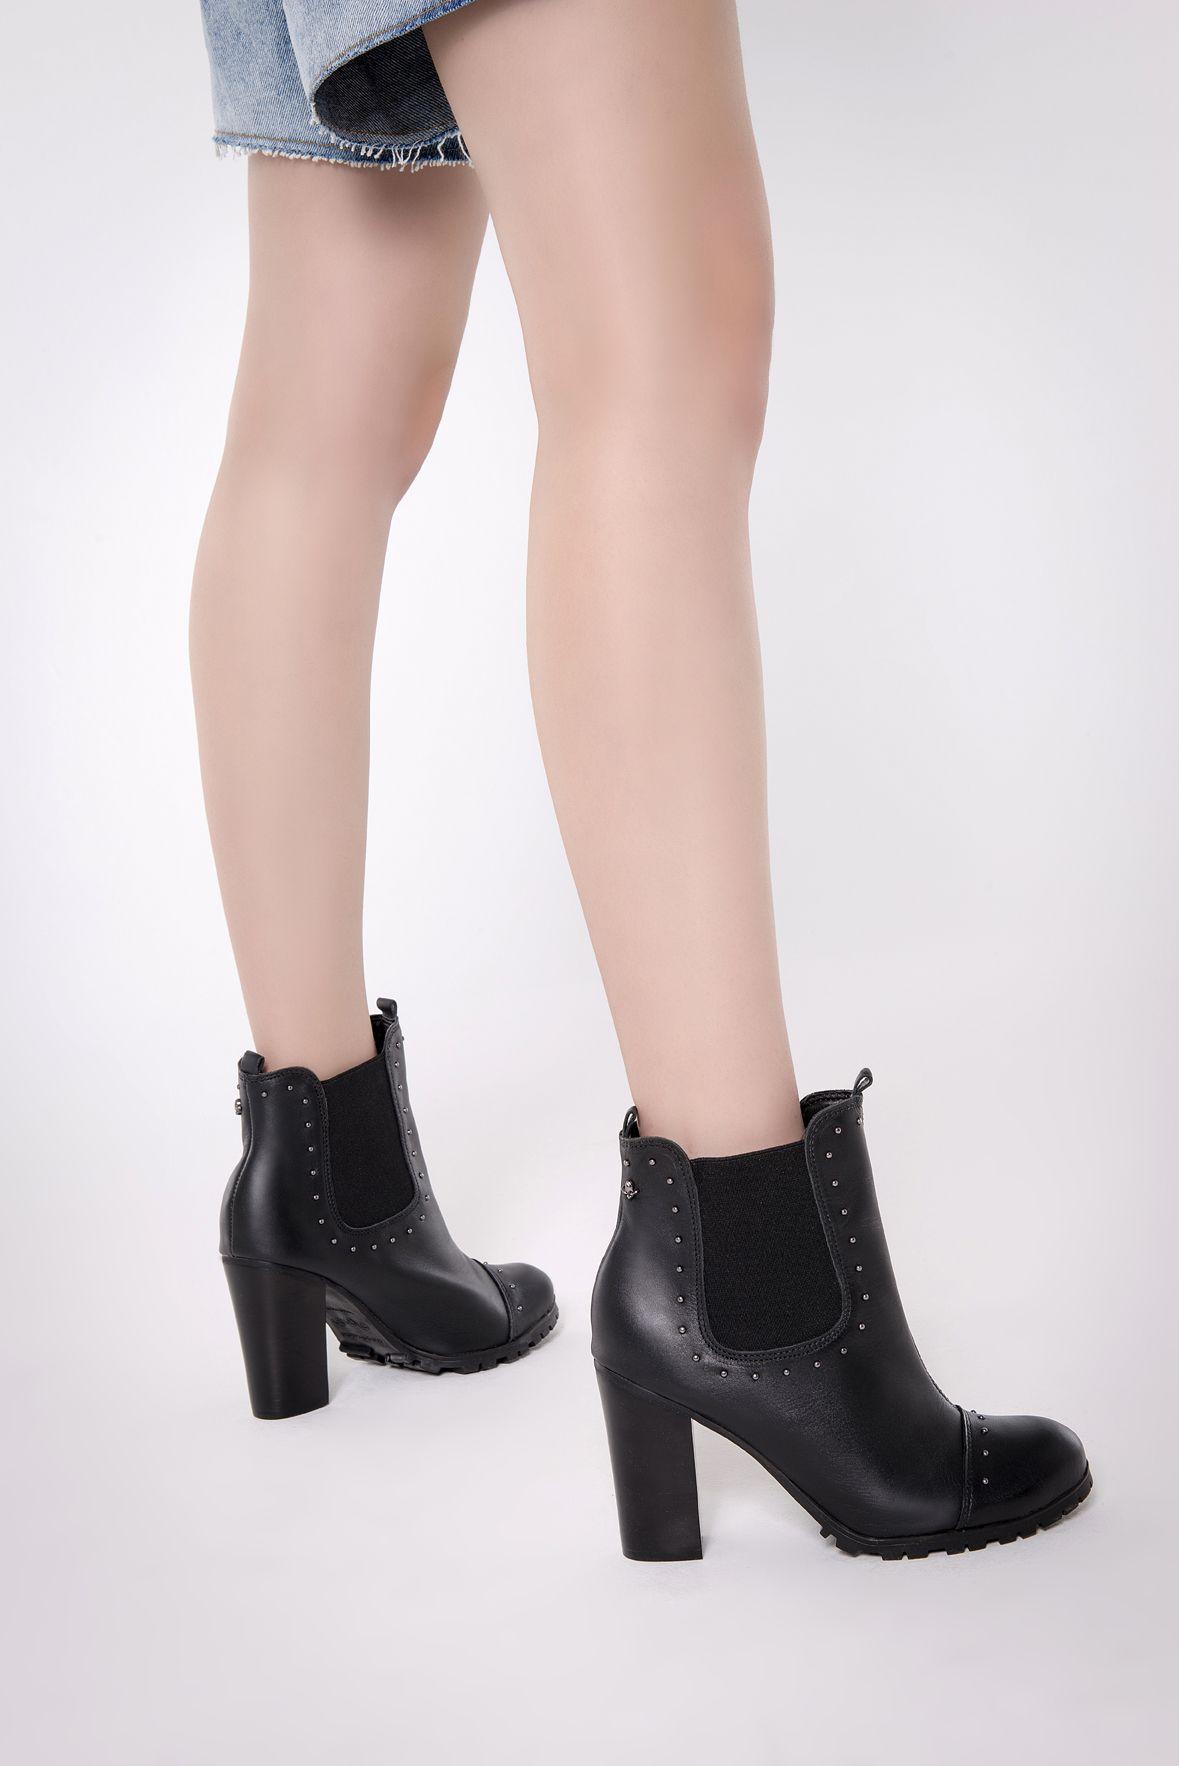 8f999158b Bota de salto alto na cor preta, com estilo chelsea e solado tratorado.  Ankle